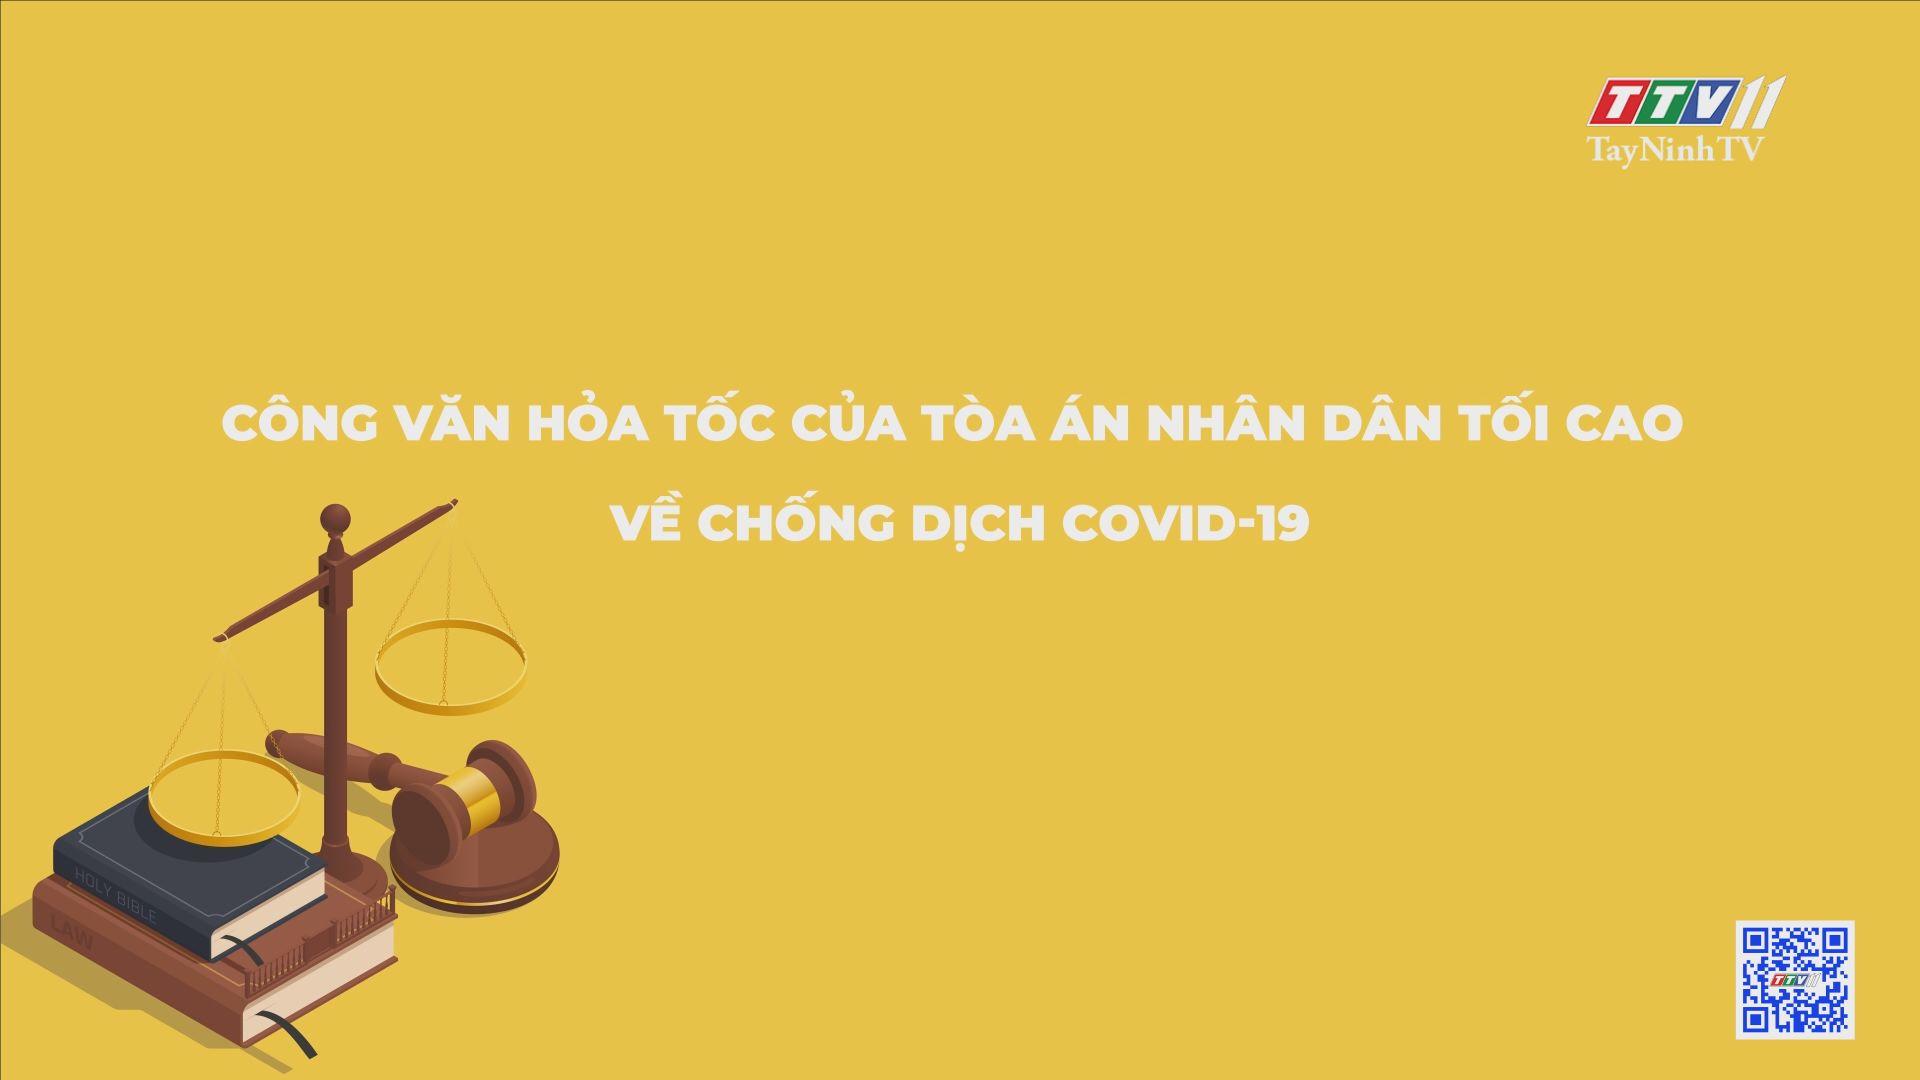 Công văn hỏa tốc của Tòa án Nhân dân Tối cao về chống dịch Covdi-19 | PHÁP LUẬT VÀ ĐỜI SỐNG | TayNinhTV